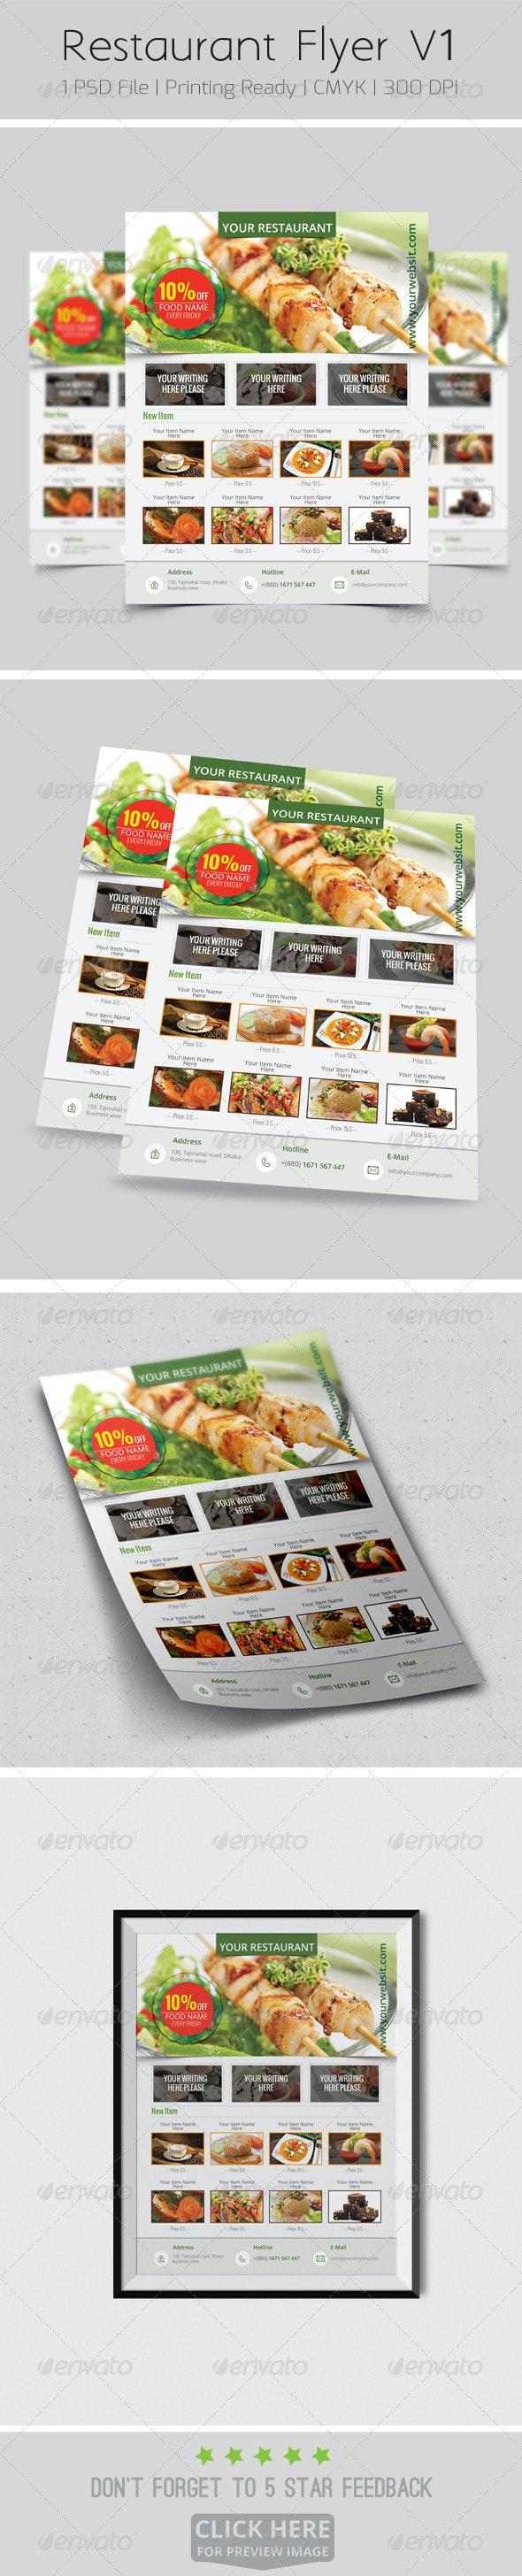 Restaurant Flyer V1 - Restaurant Flyers